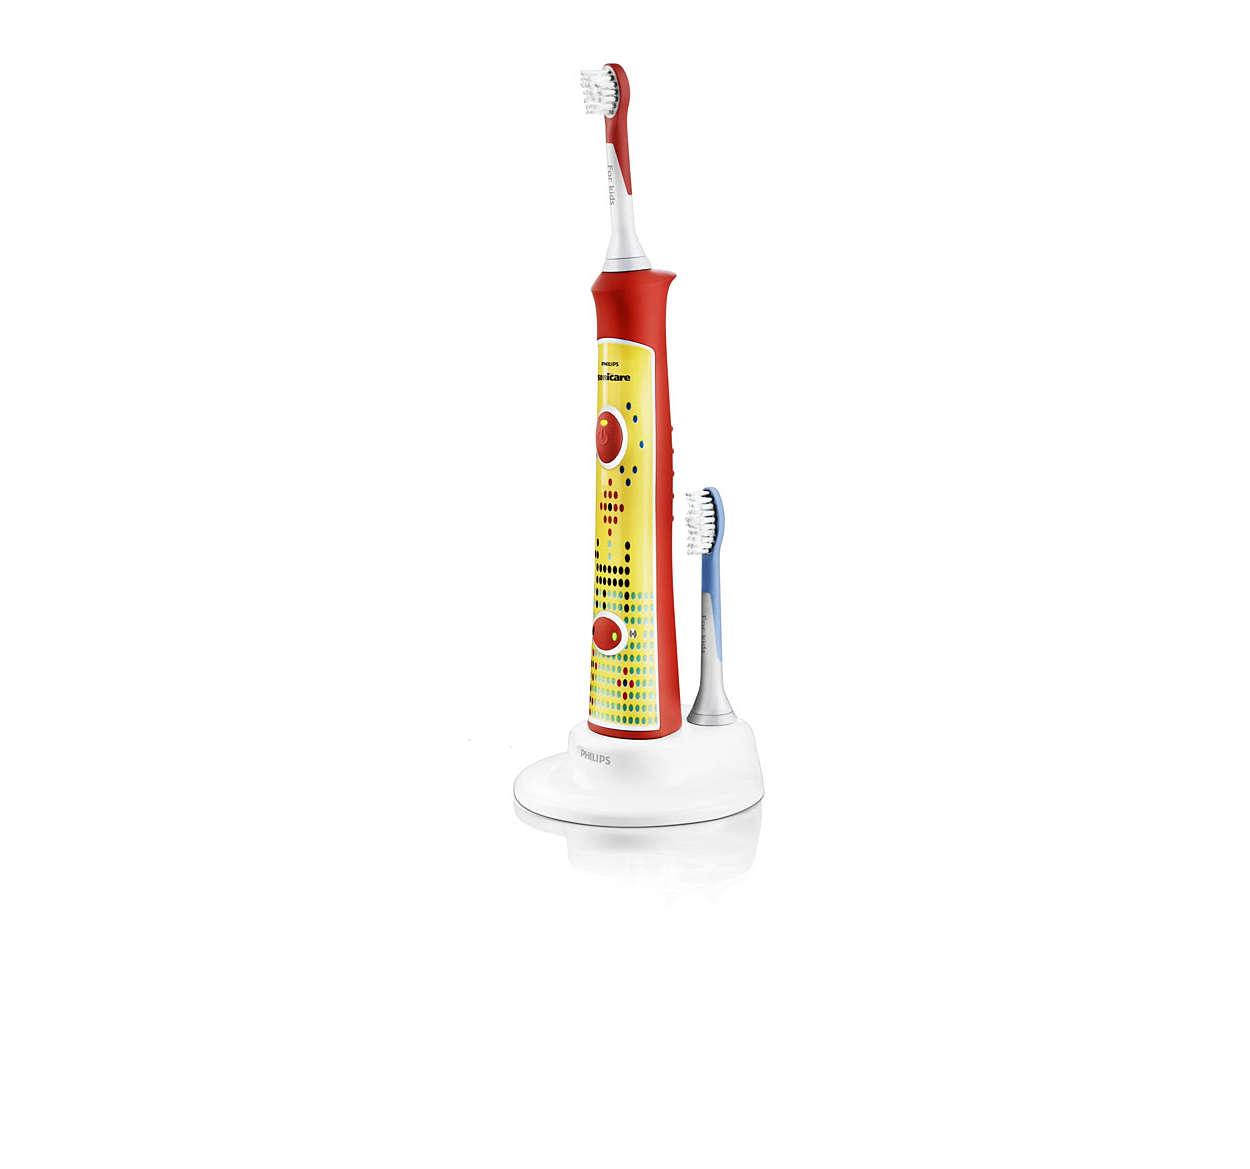 鼓勵兒童自己刷牙,保持良好的口腔健康